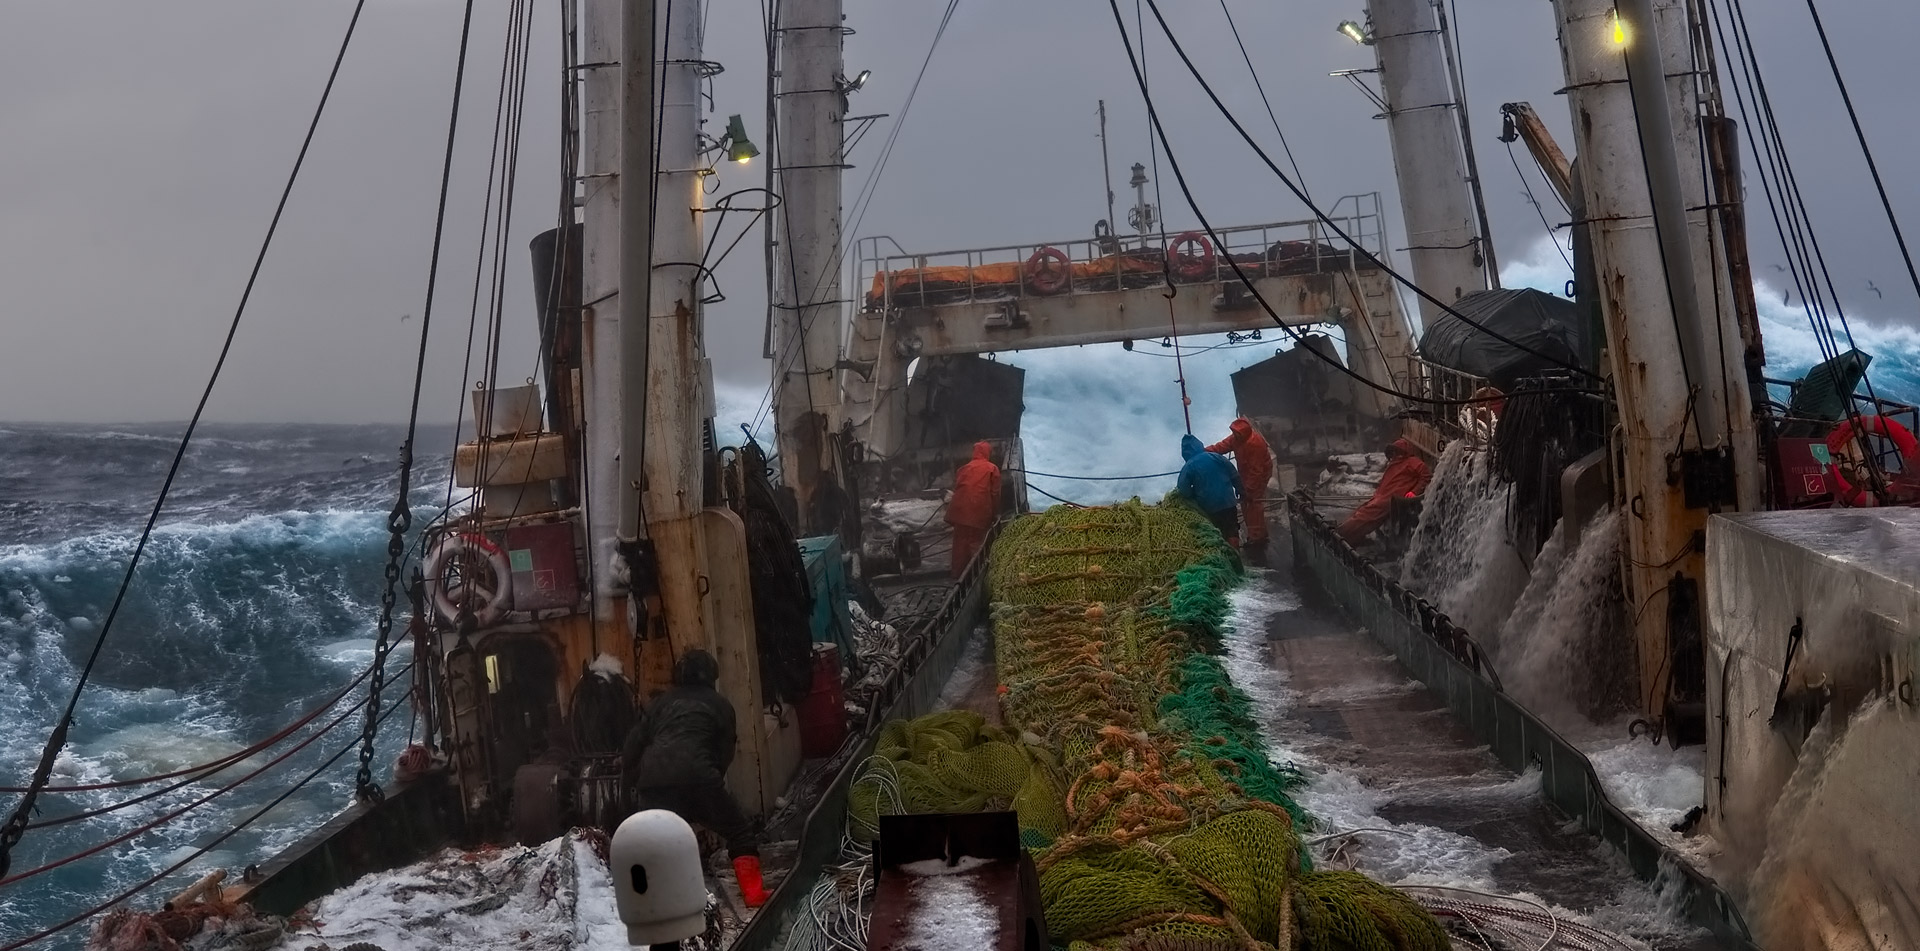 вас приглашаю на дне охотского моря фото качестве товаров, человеческом